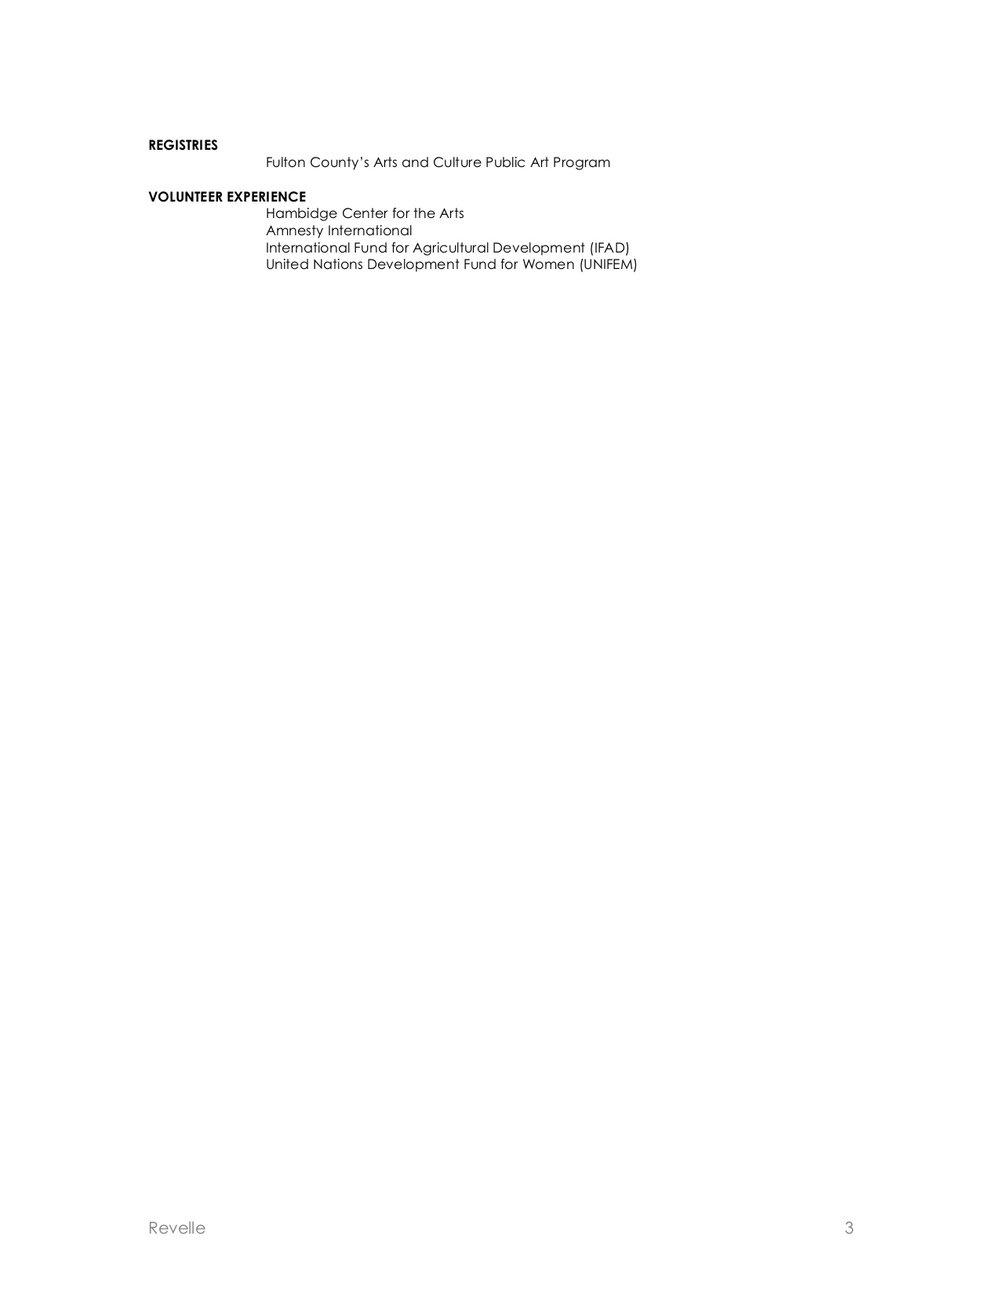 Revelle - Resume3.jpg